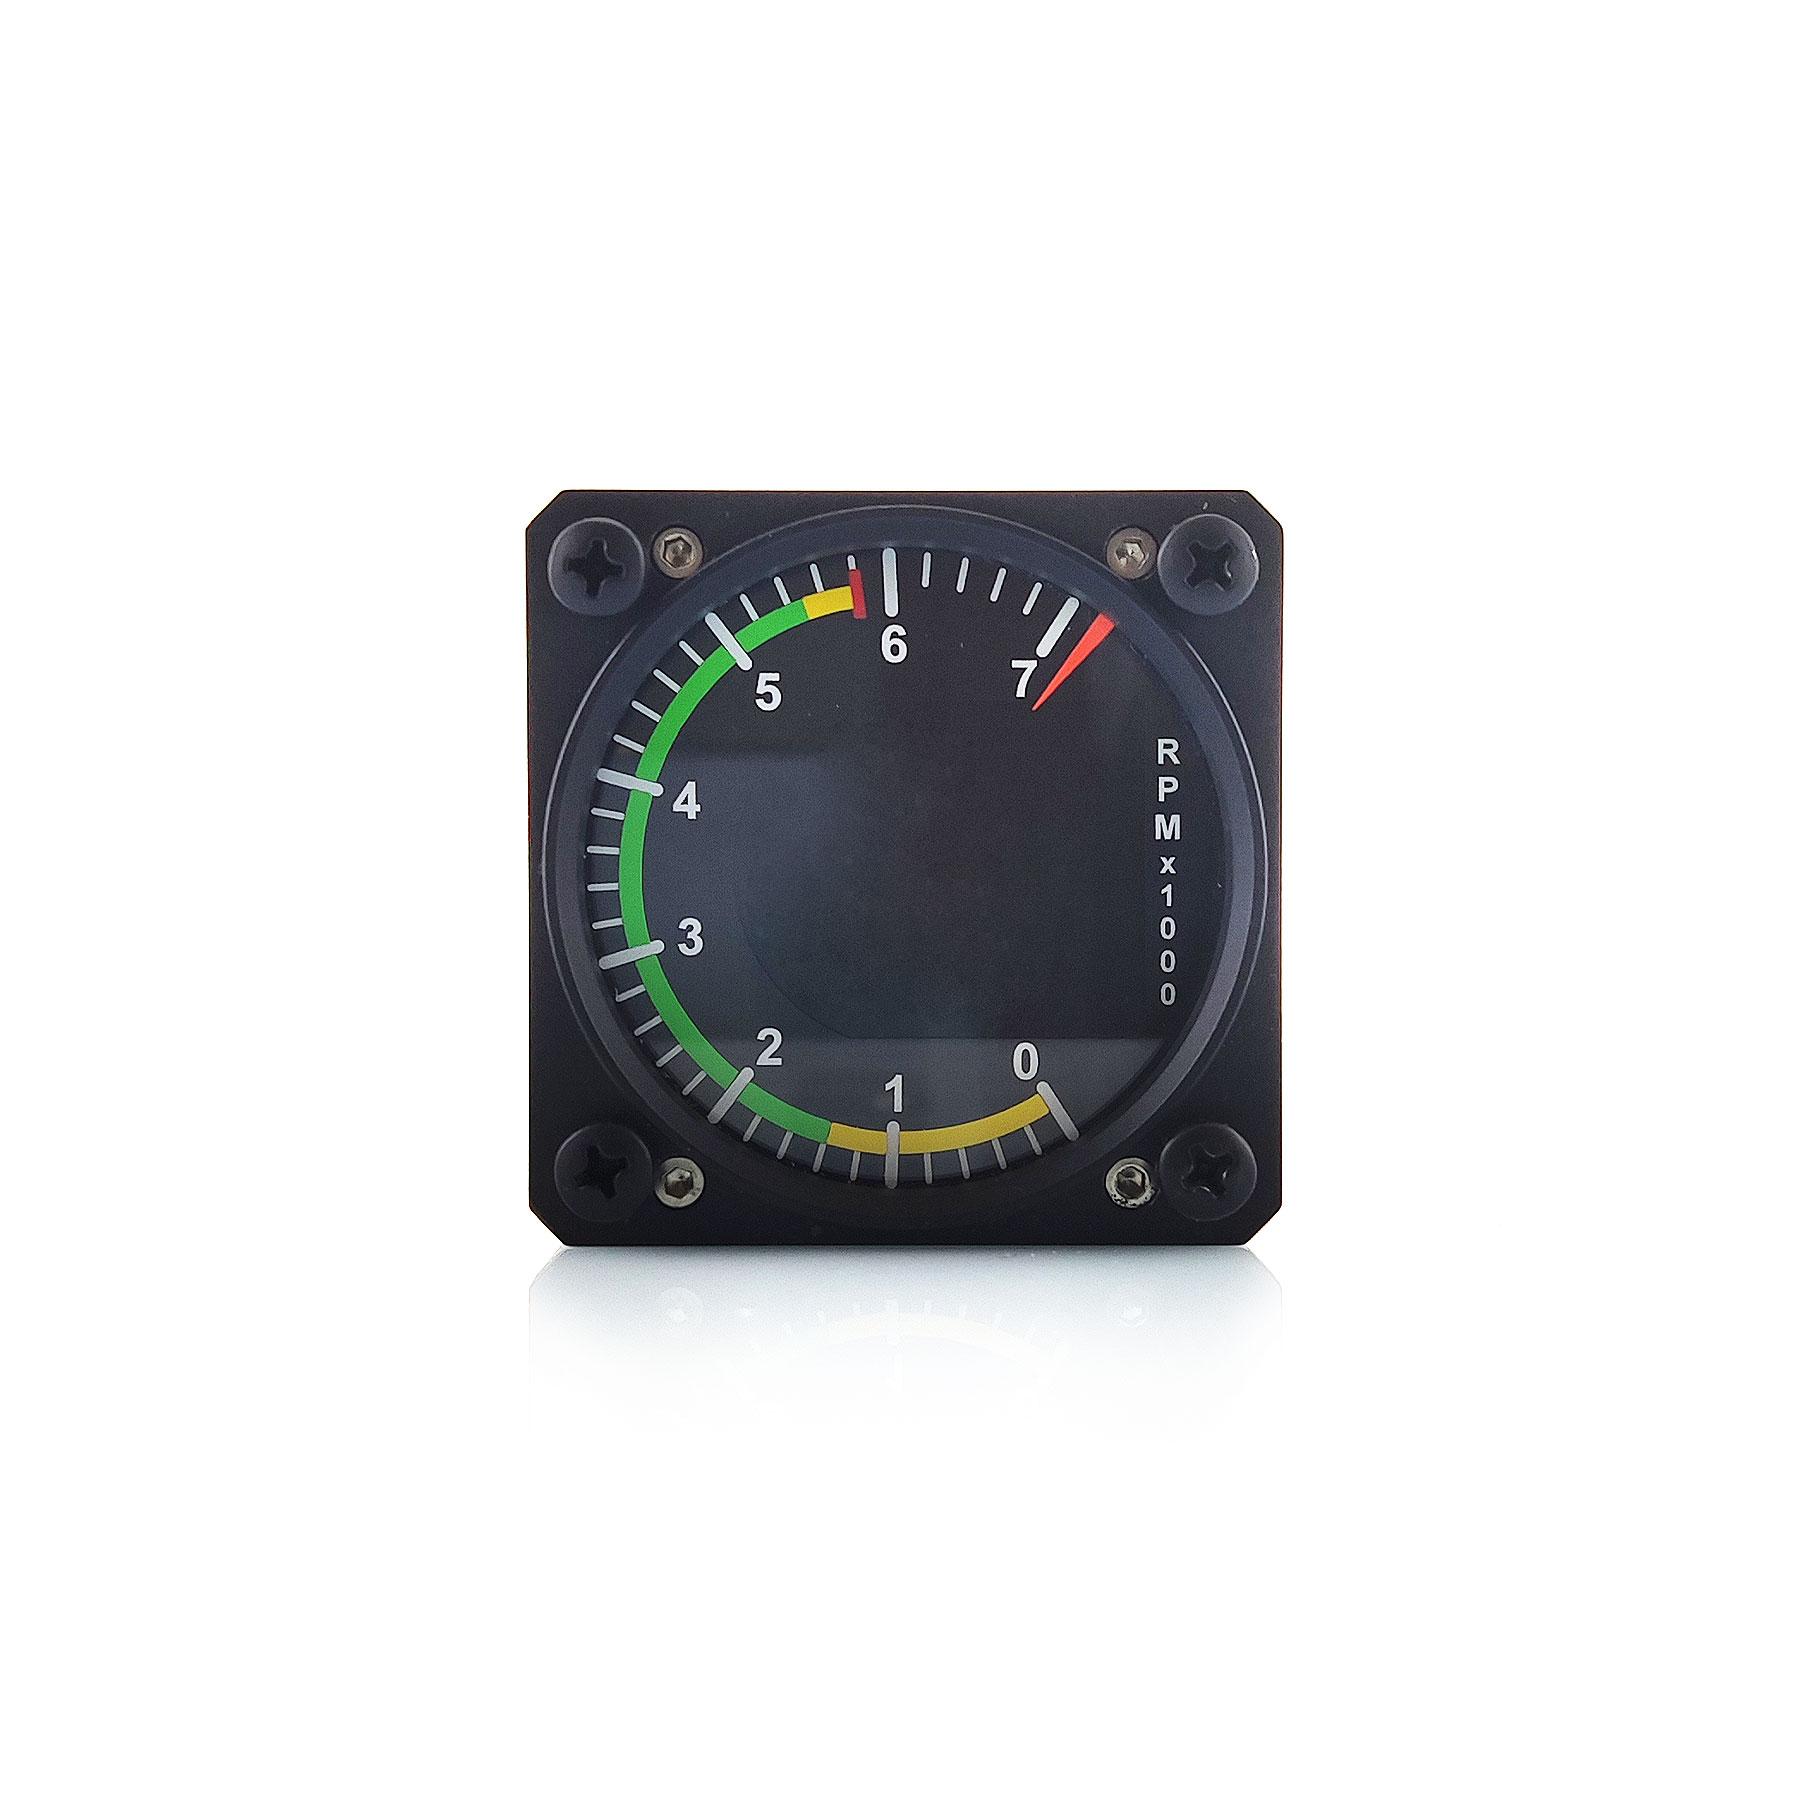 RPM indicator 57